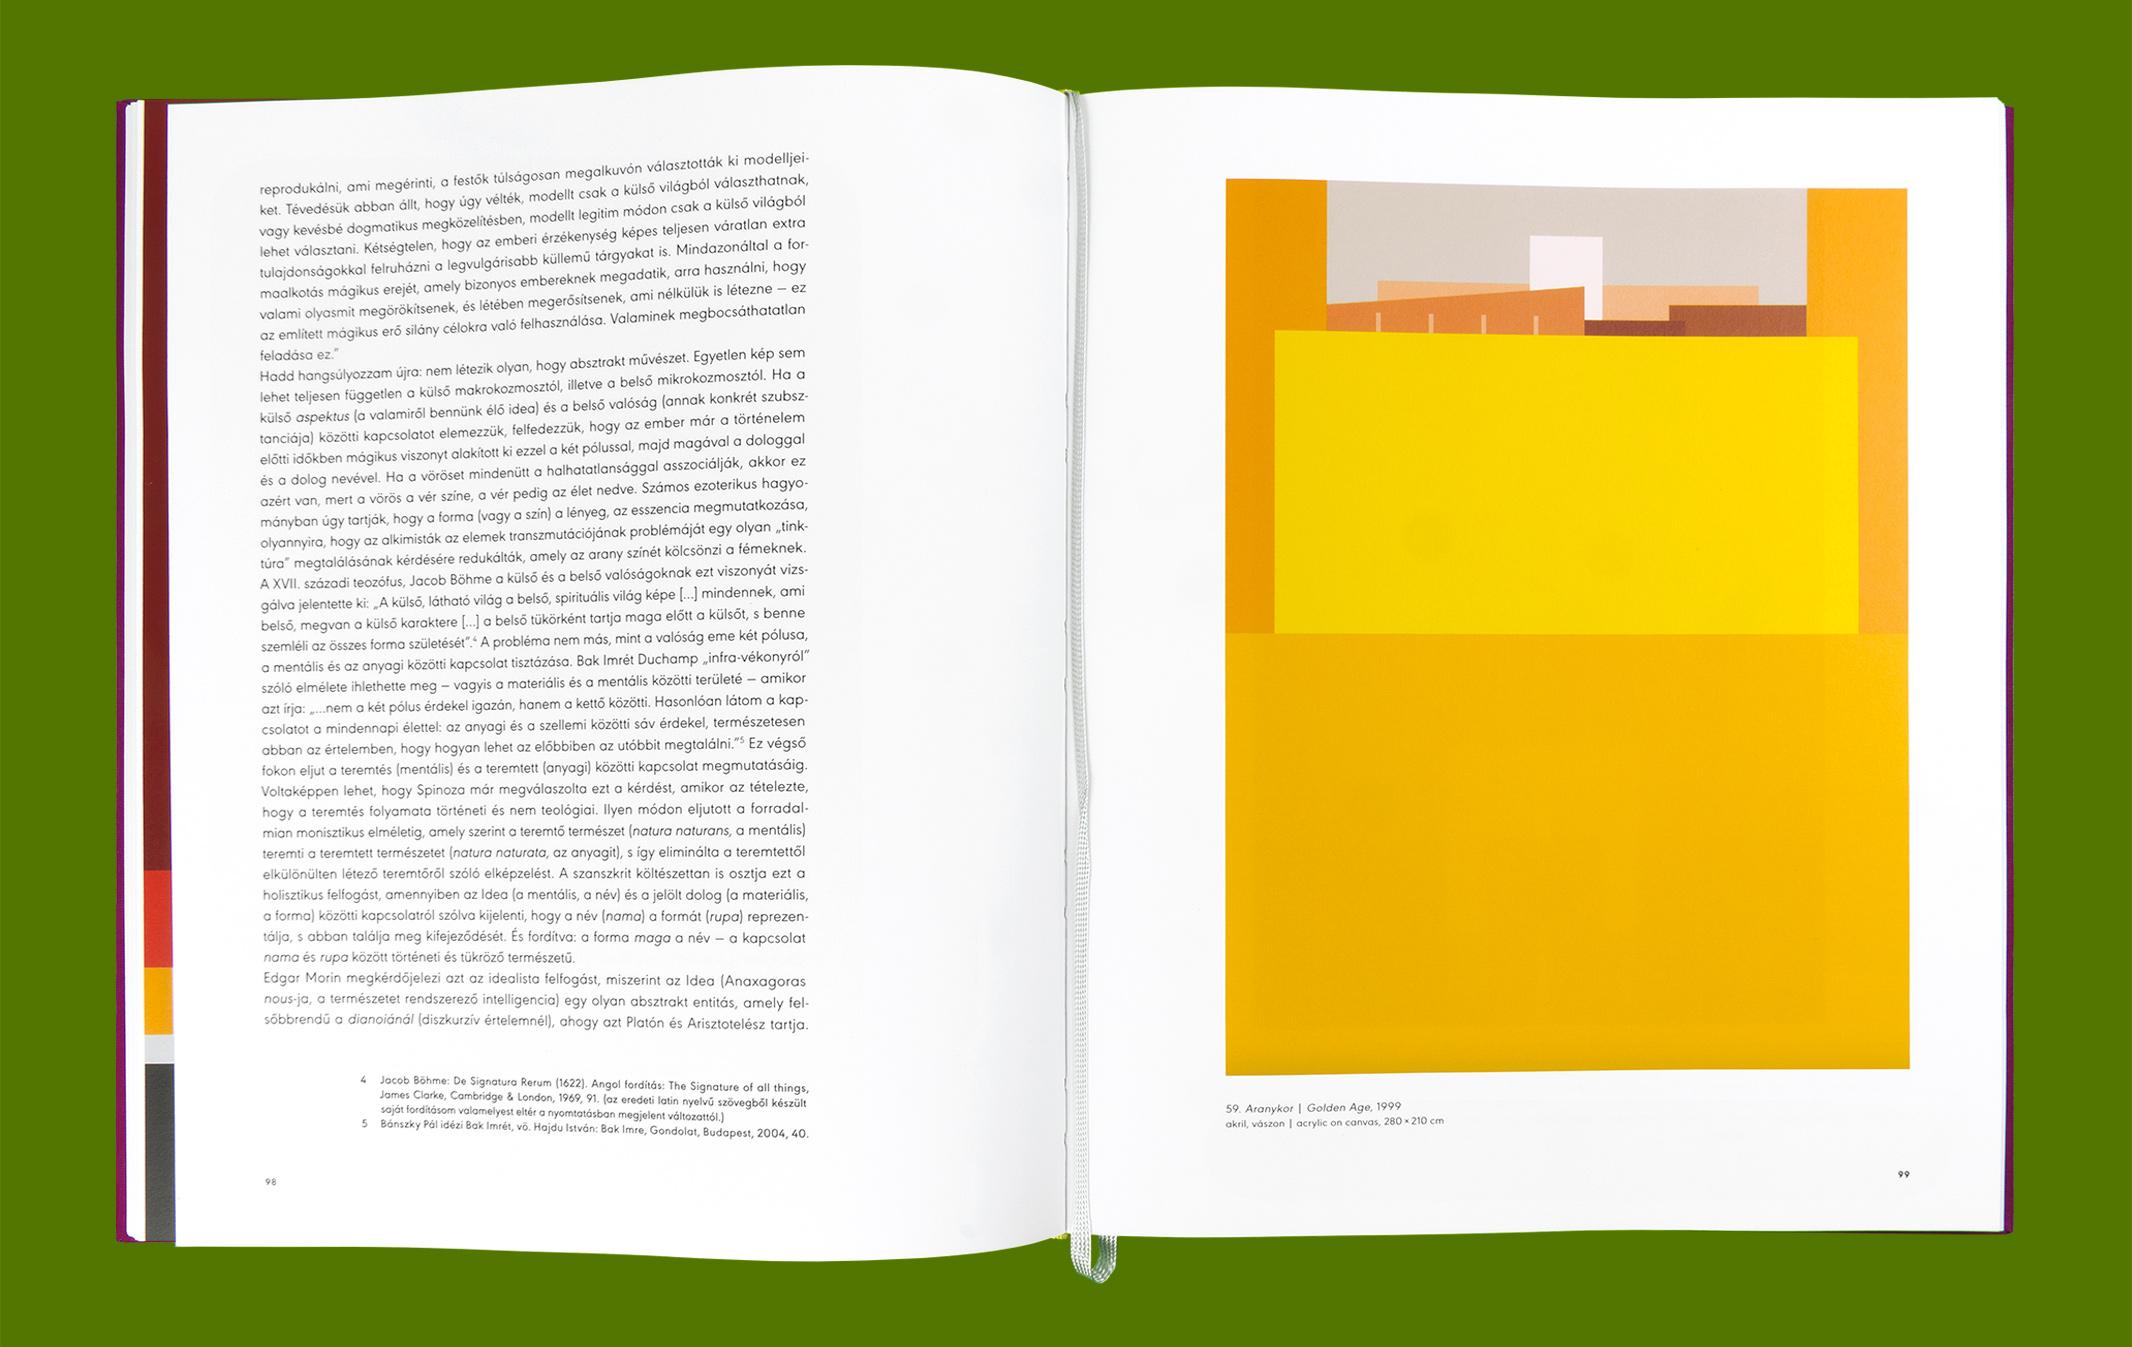 bak-imre-book-pages-52